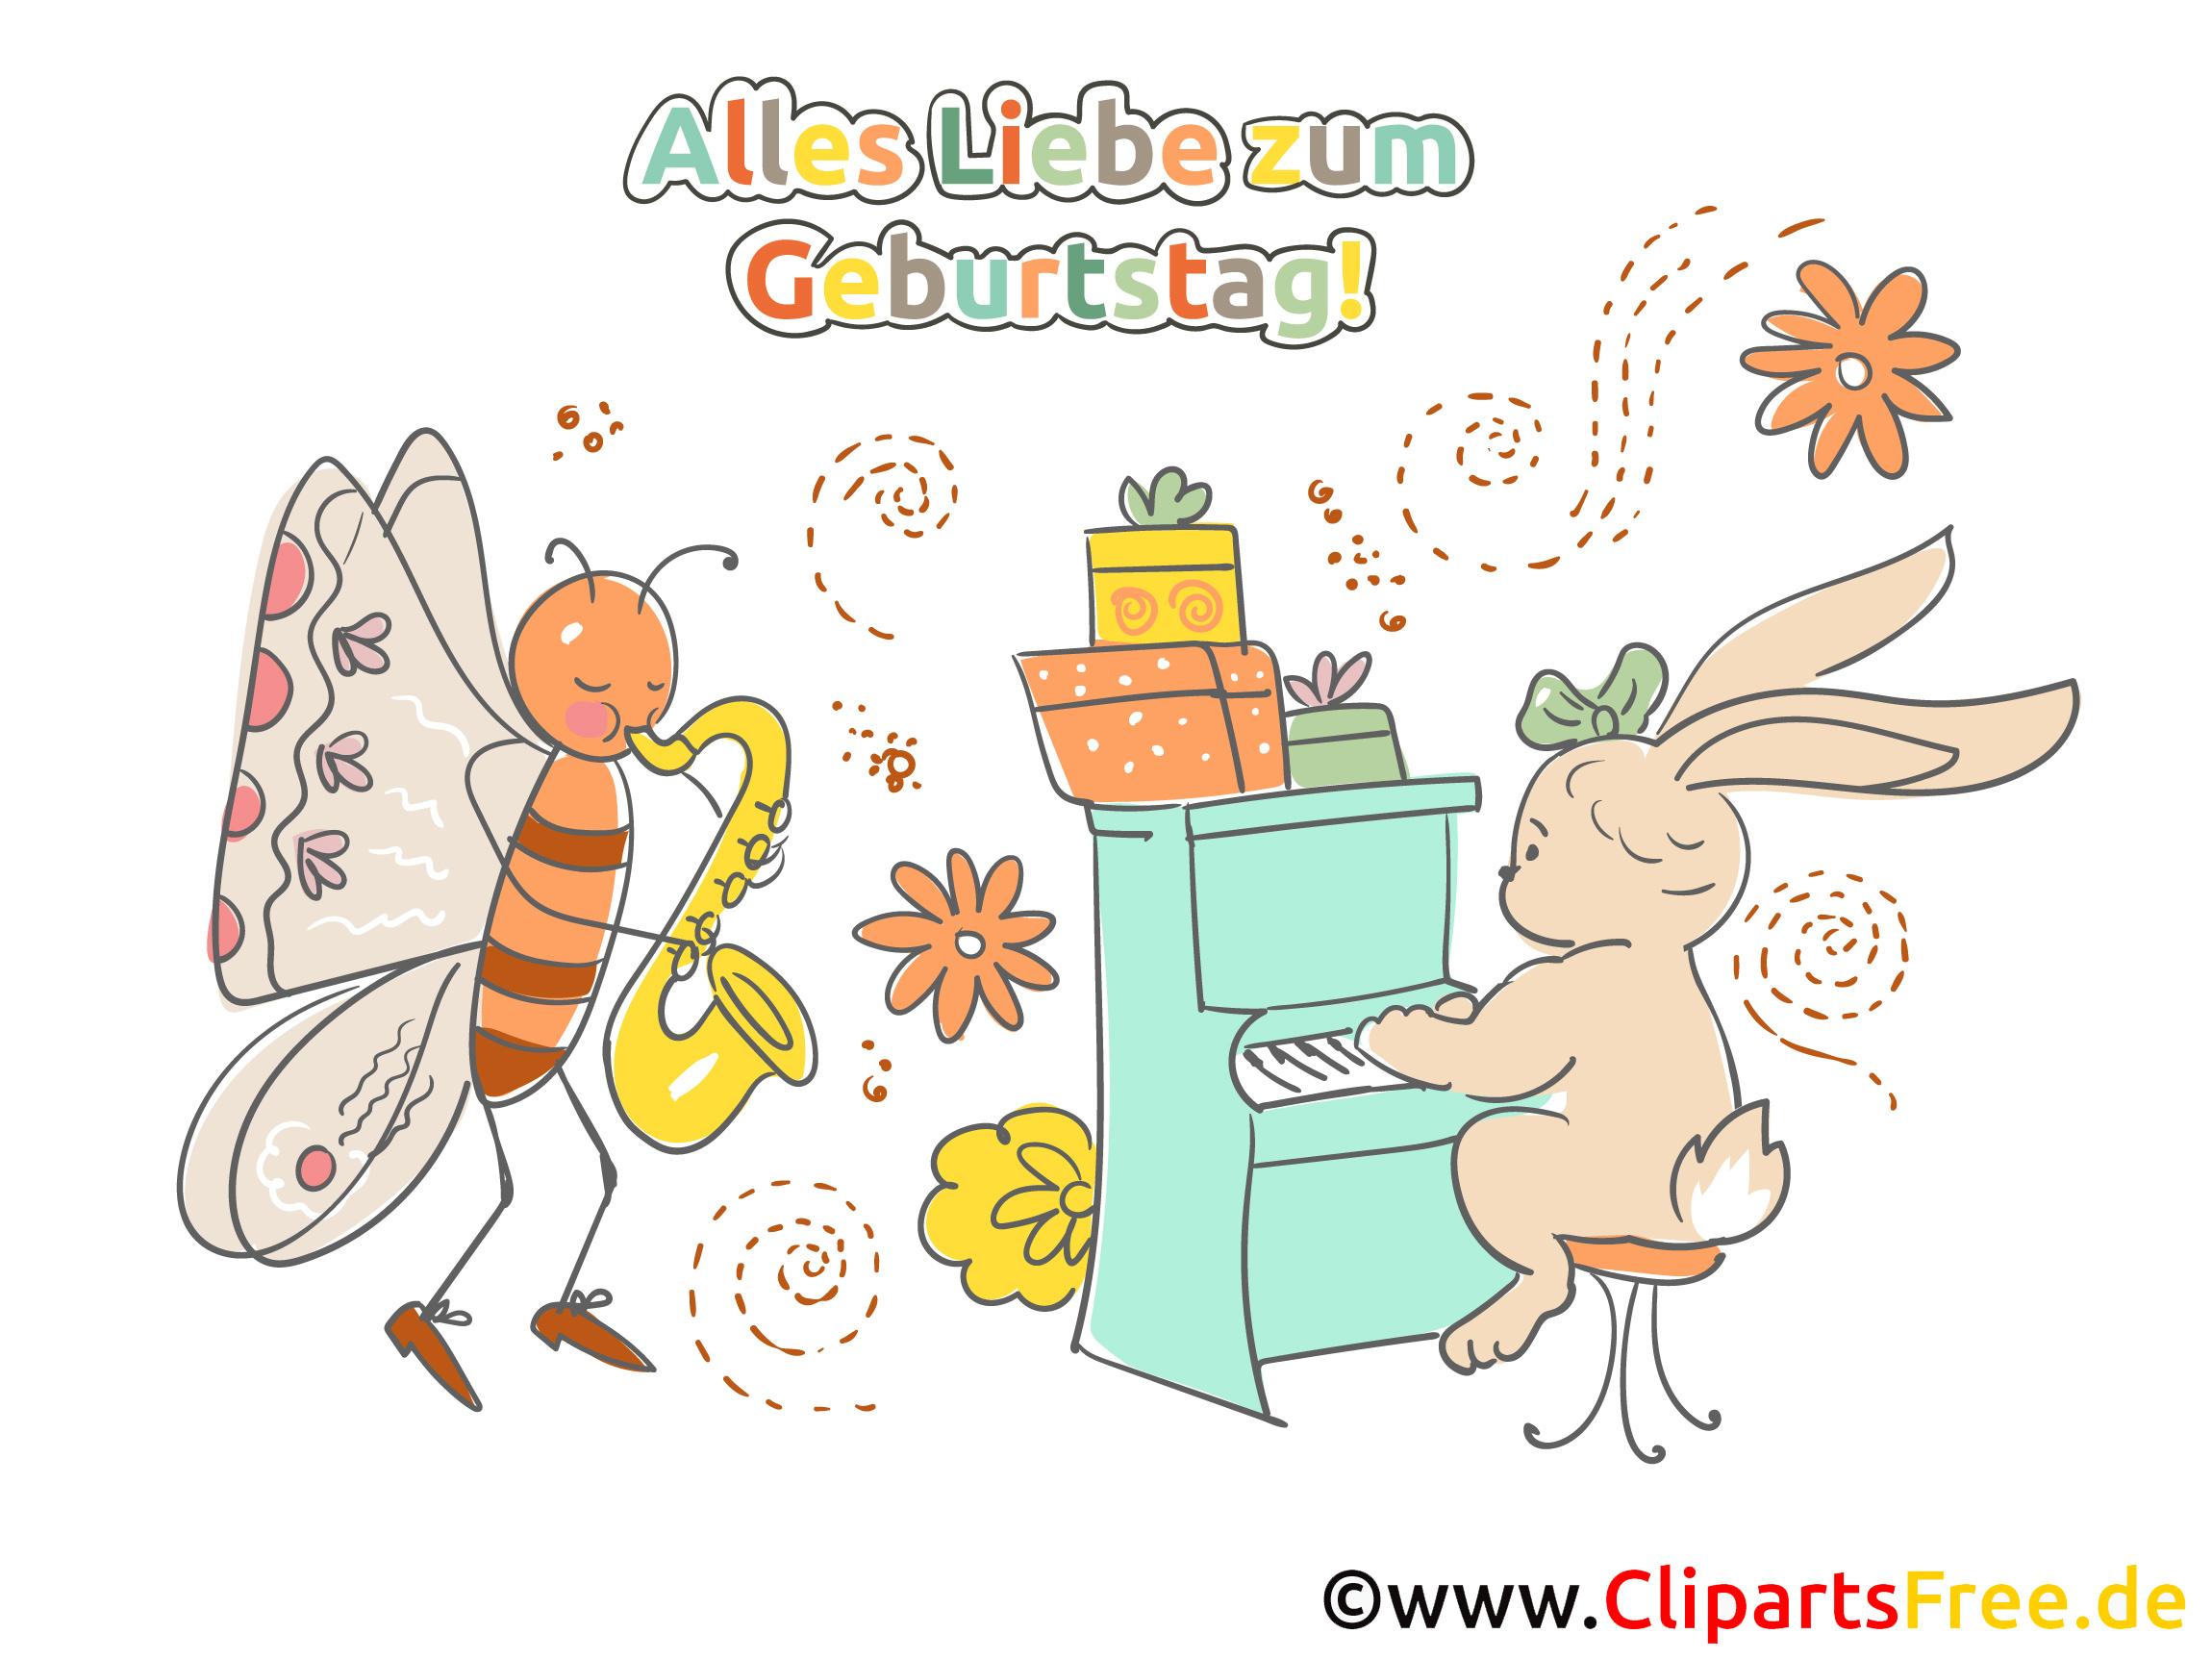 Clipart Alles Gute zum Geburtstag